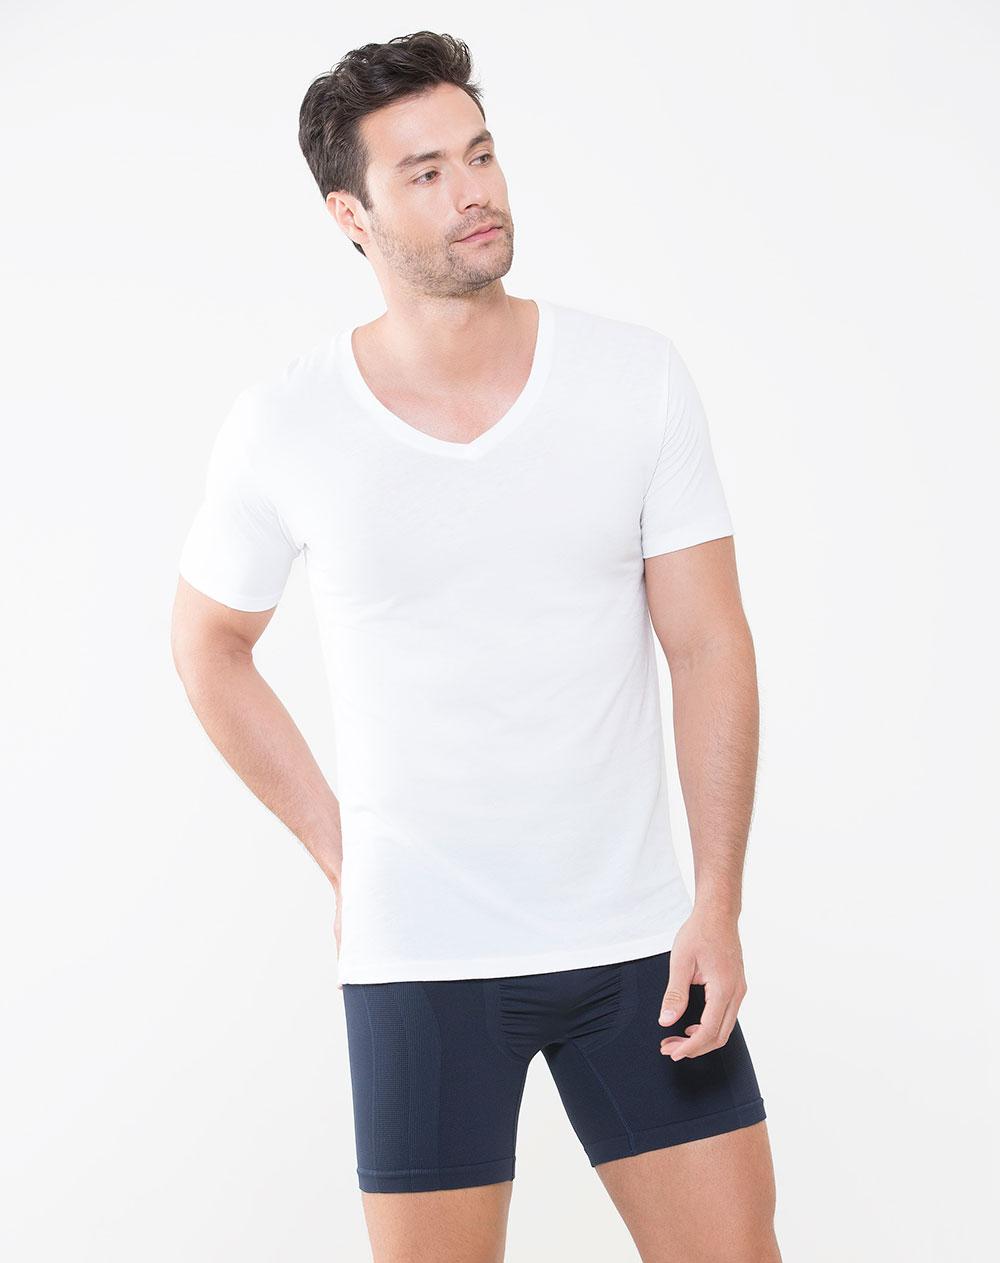 Camiseta de hombre chad blanca en algod n pima punto blanco for Camisetas de interior hombre